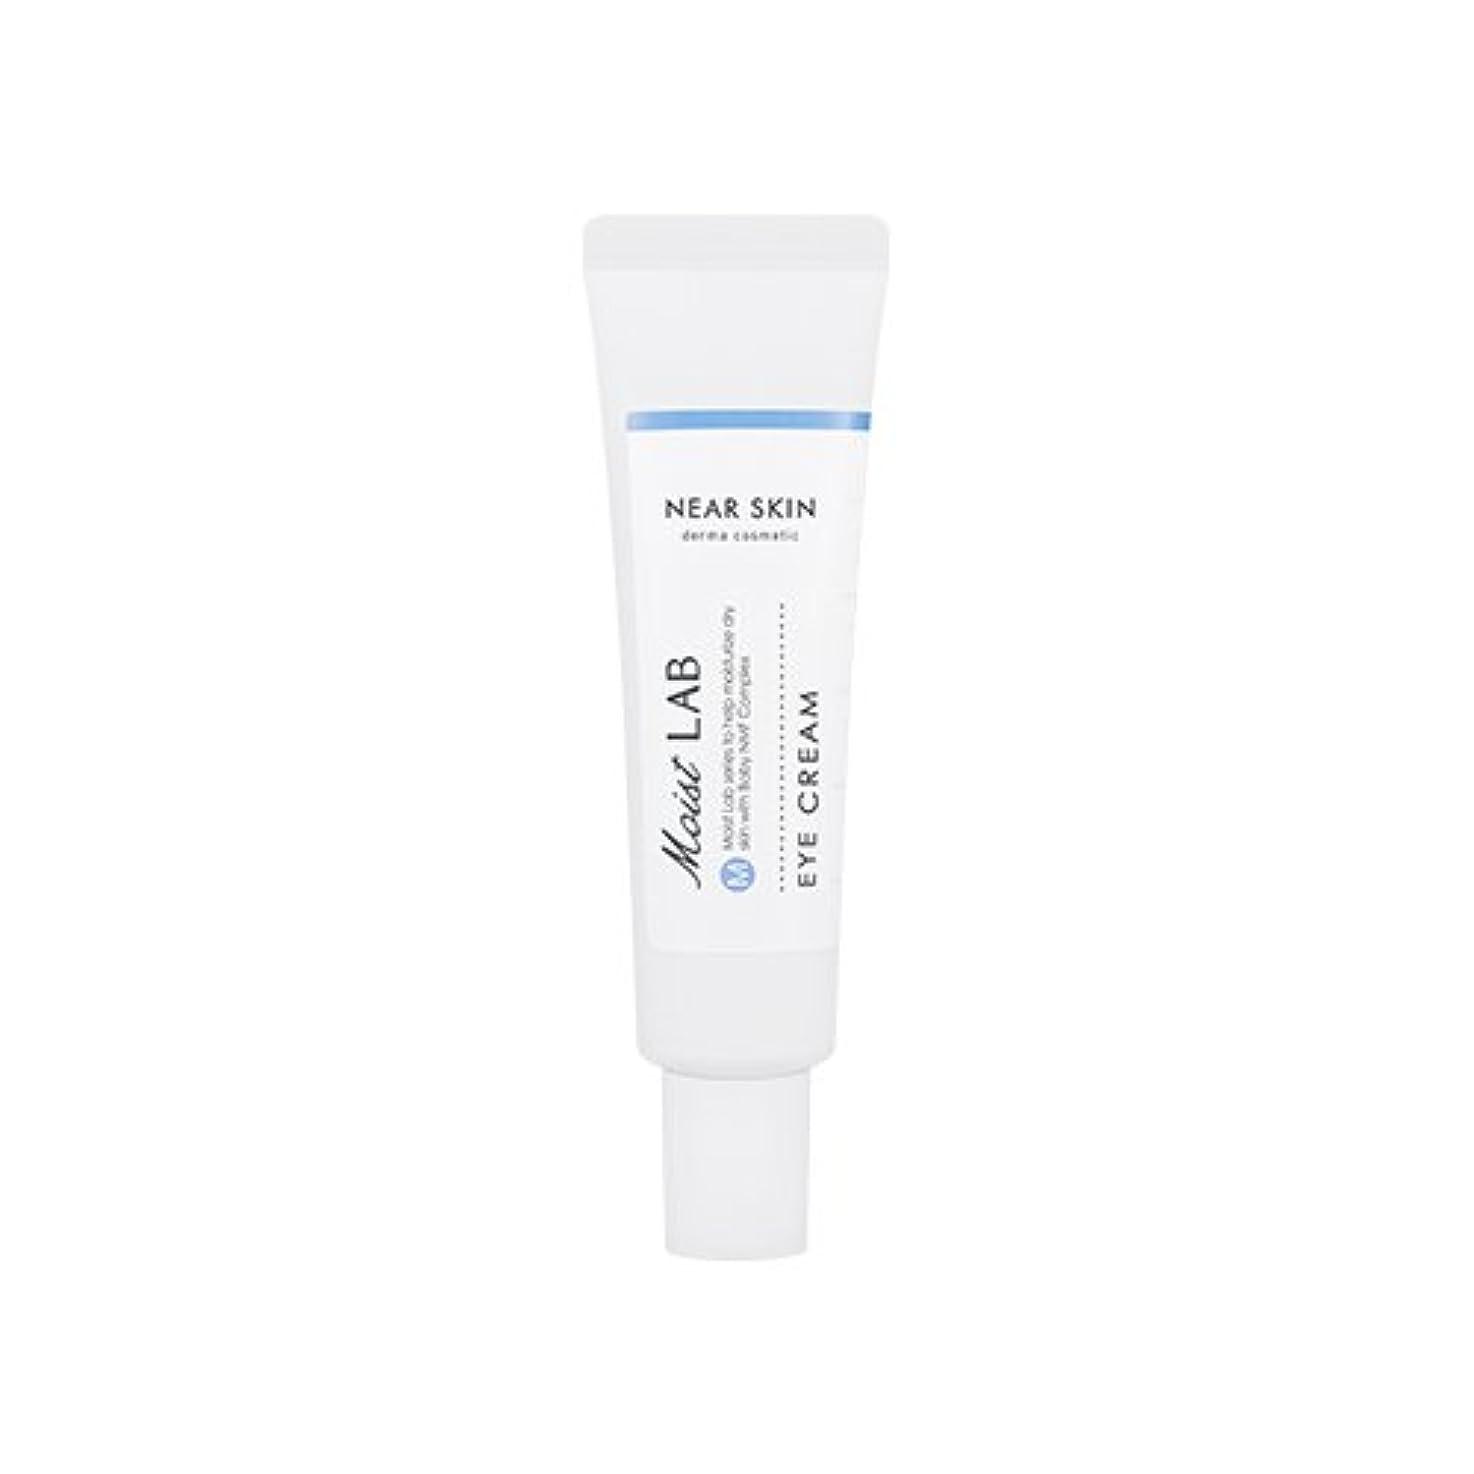 ディスクささやきヒールMISSHA NEAR SKIN Derma Cosmetic Moist LAB (Eye Cream) / ミシャ ニアスキン ダーマコスメティックモイストラボ アイクリーム 30ml [並行輸入品]